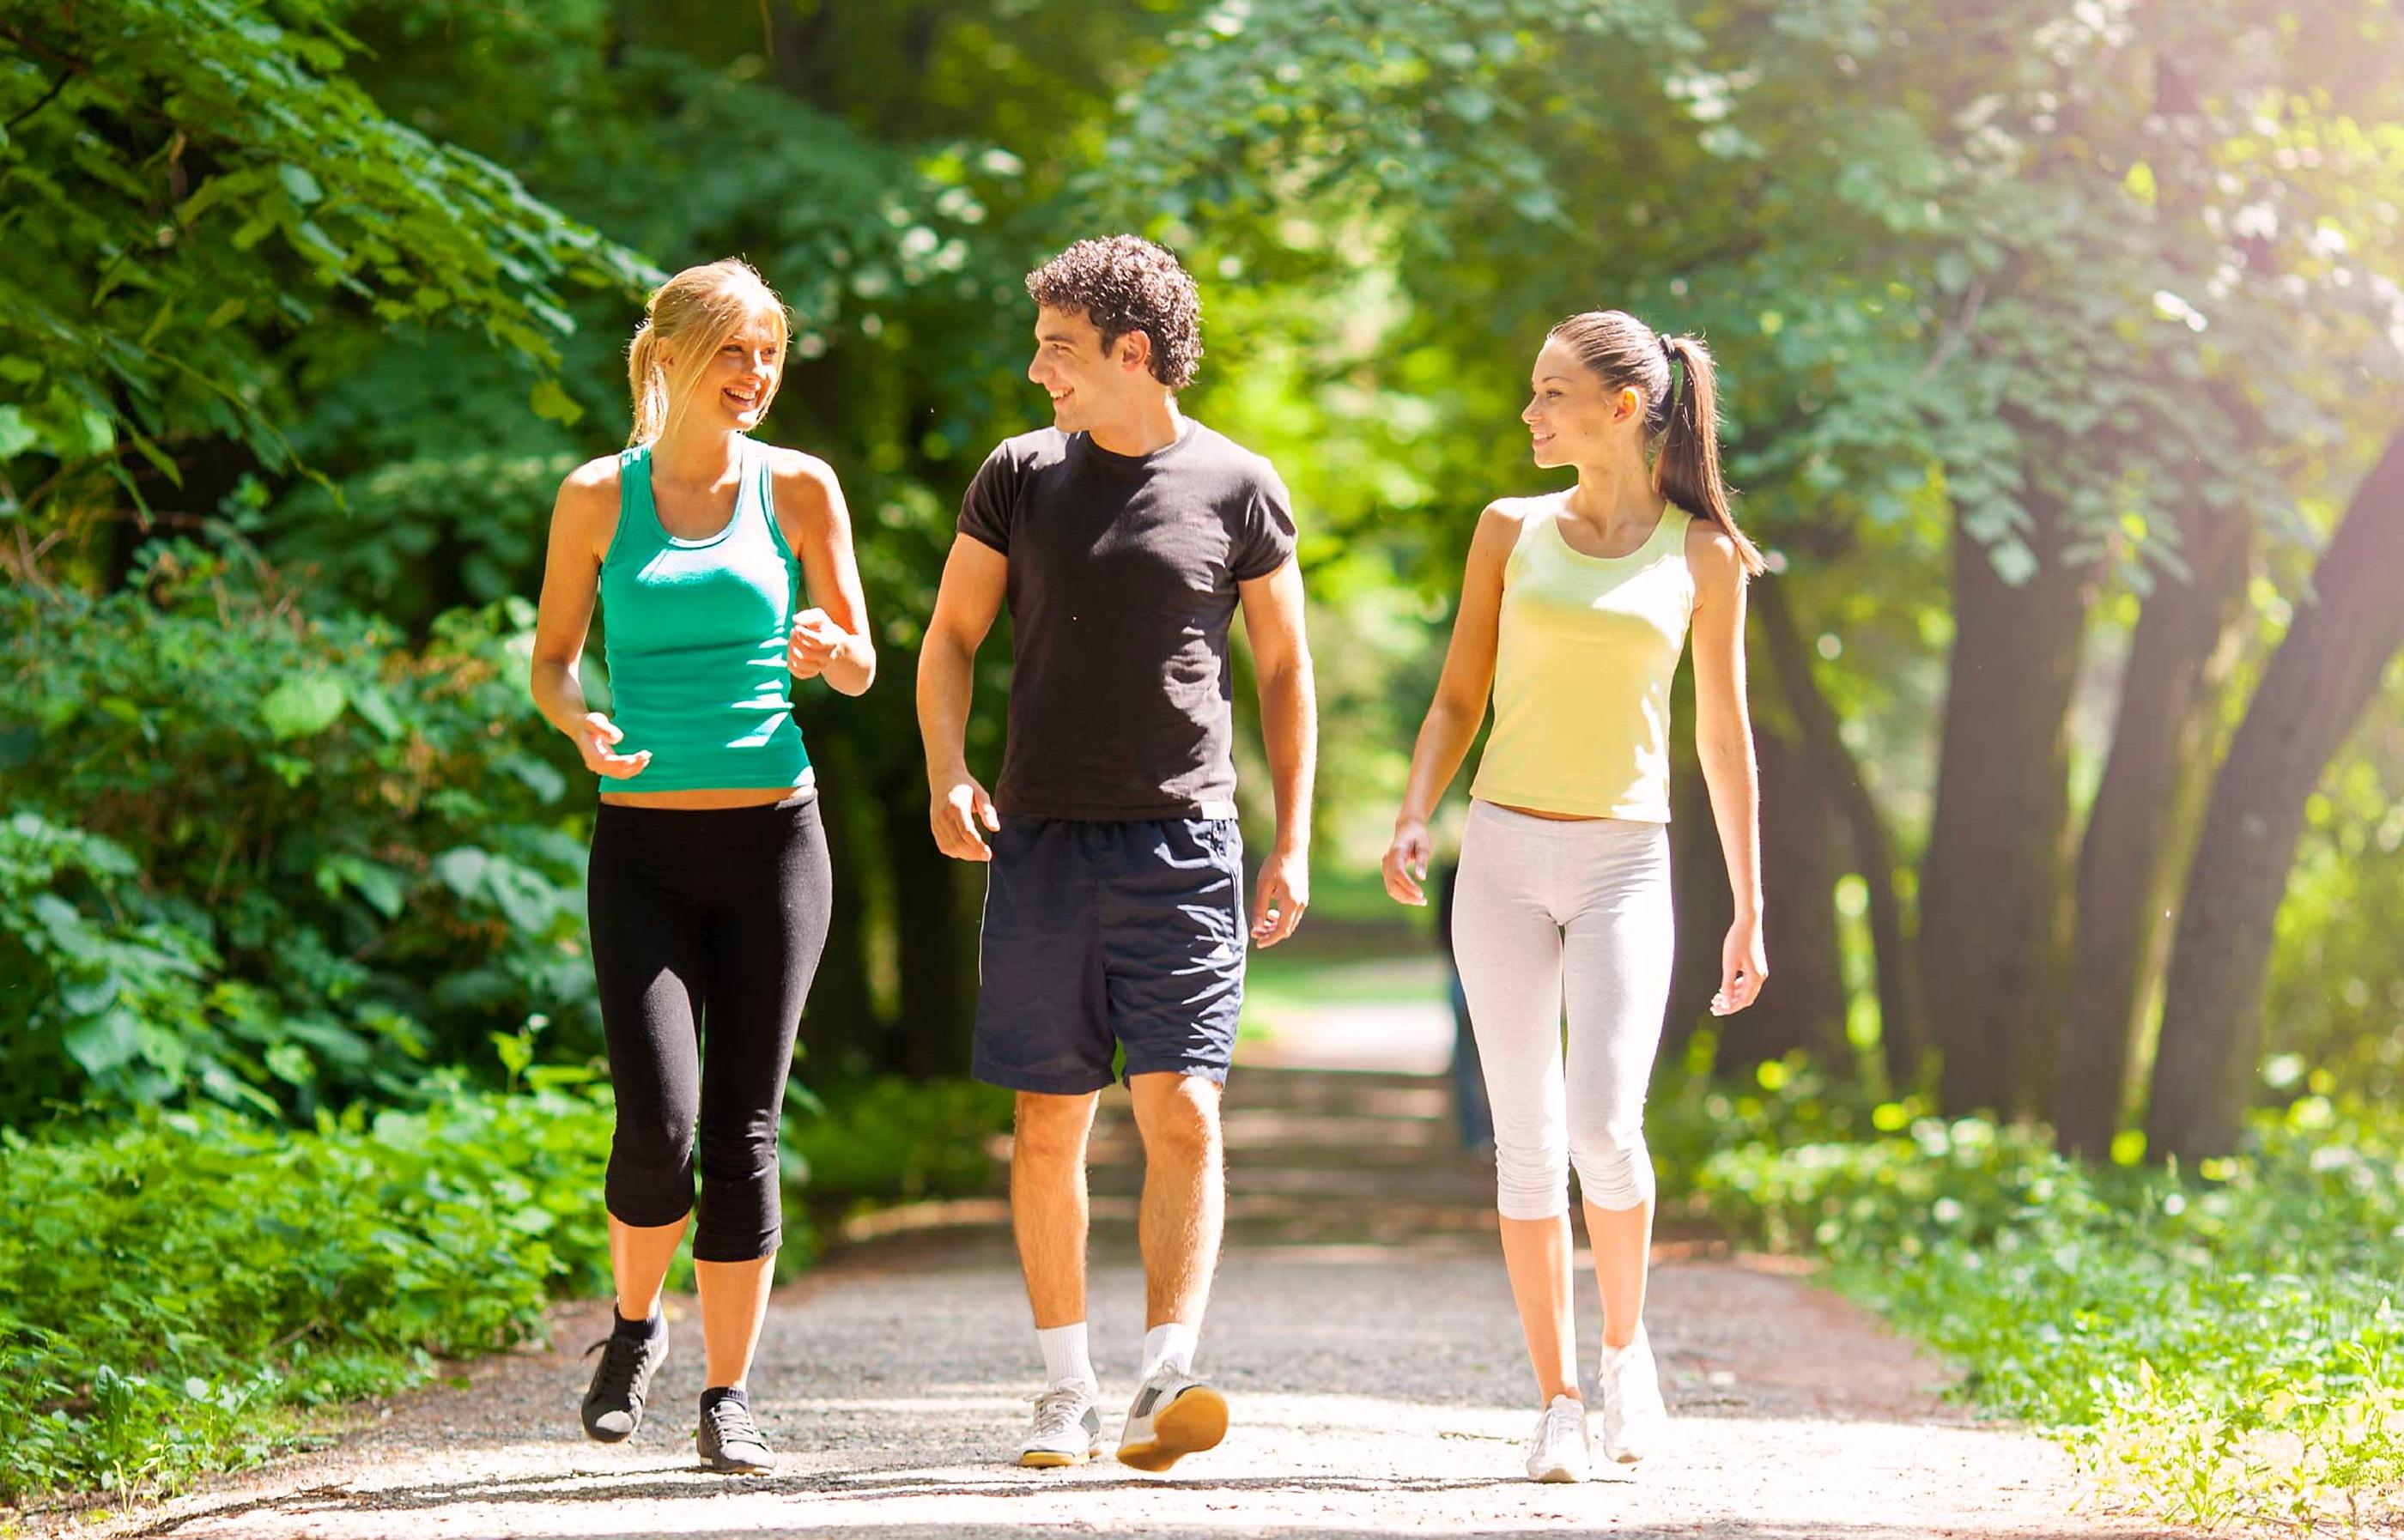 dimagrire con camminata veloce